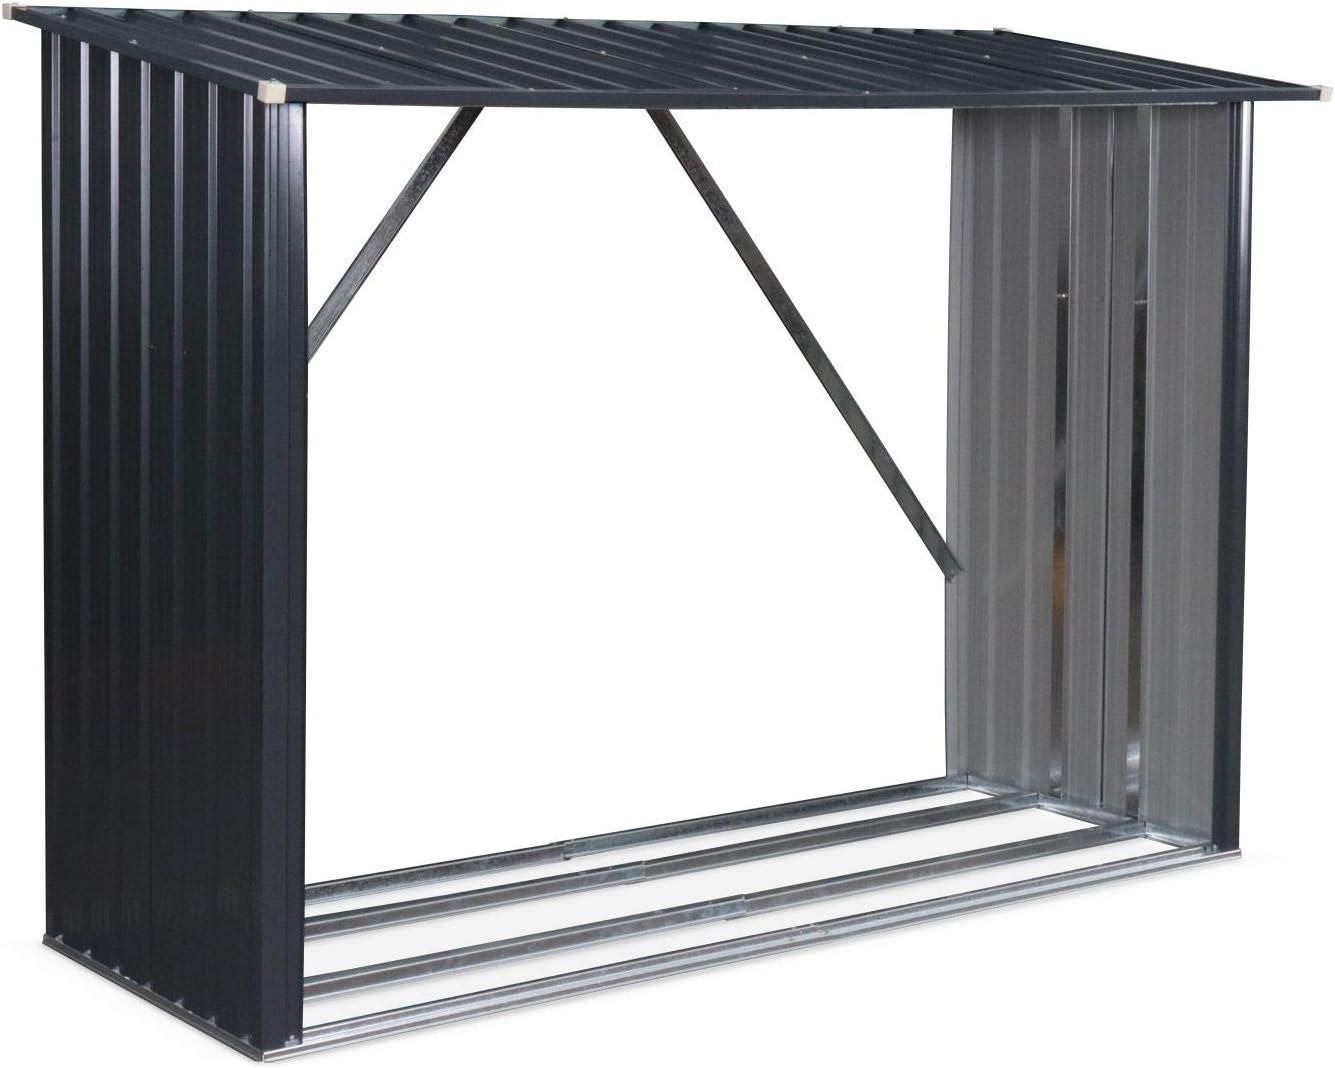 Alices Garden - Caseta para leña en metal gris antracita: Amazon.es: Jardín